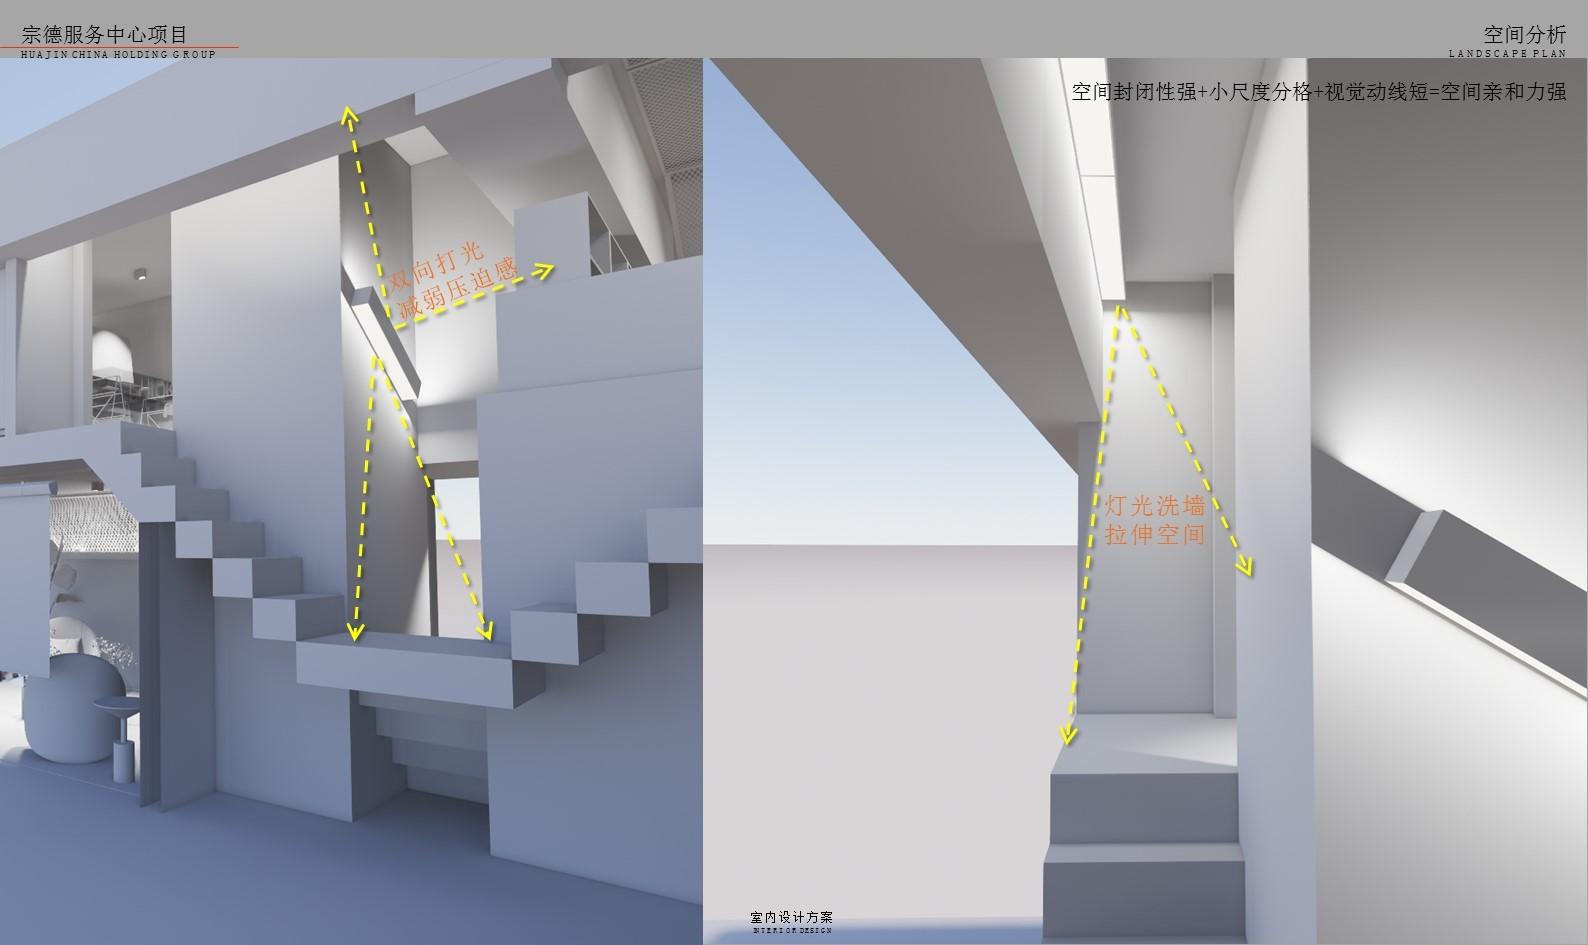 售樓部樣板間 軟裝改造插图(23)